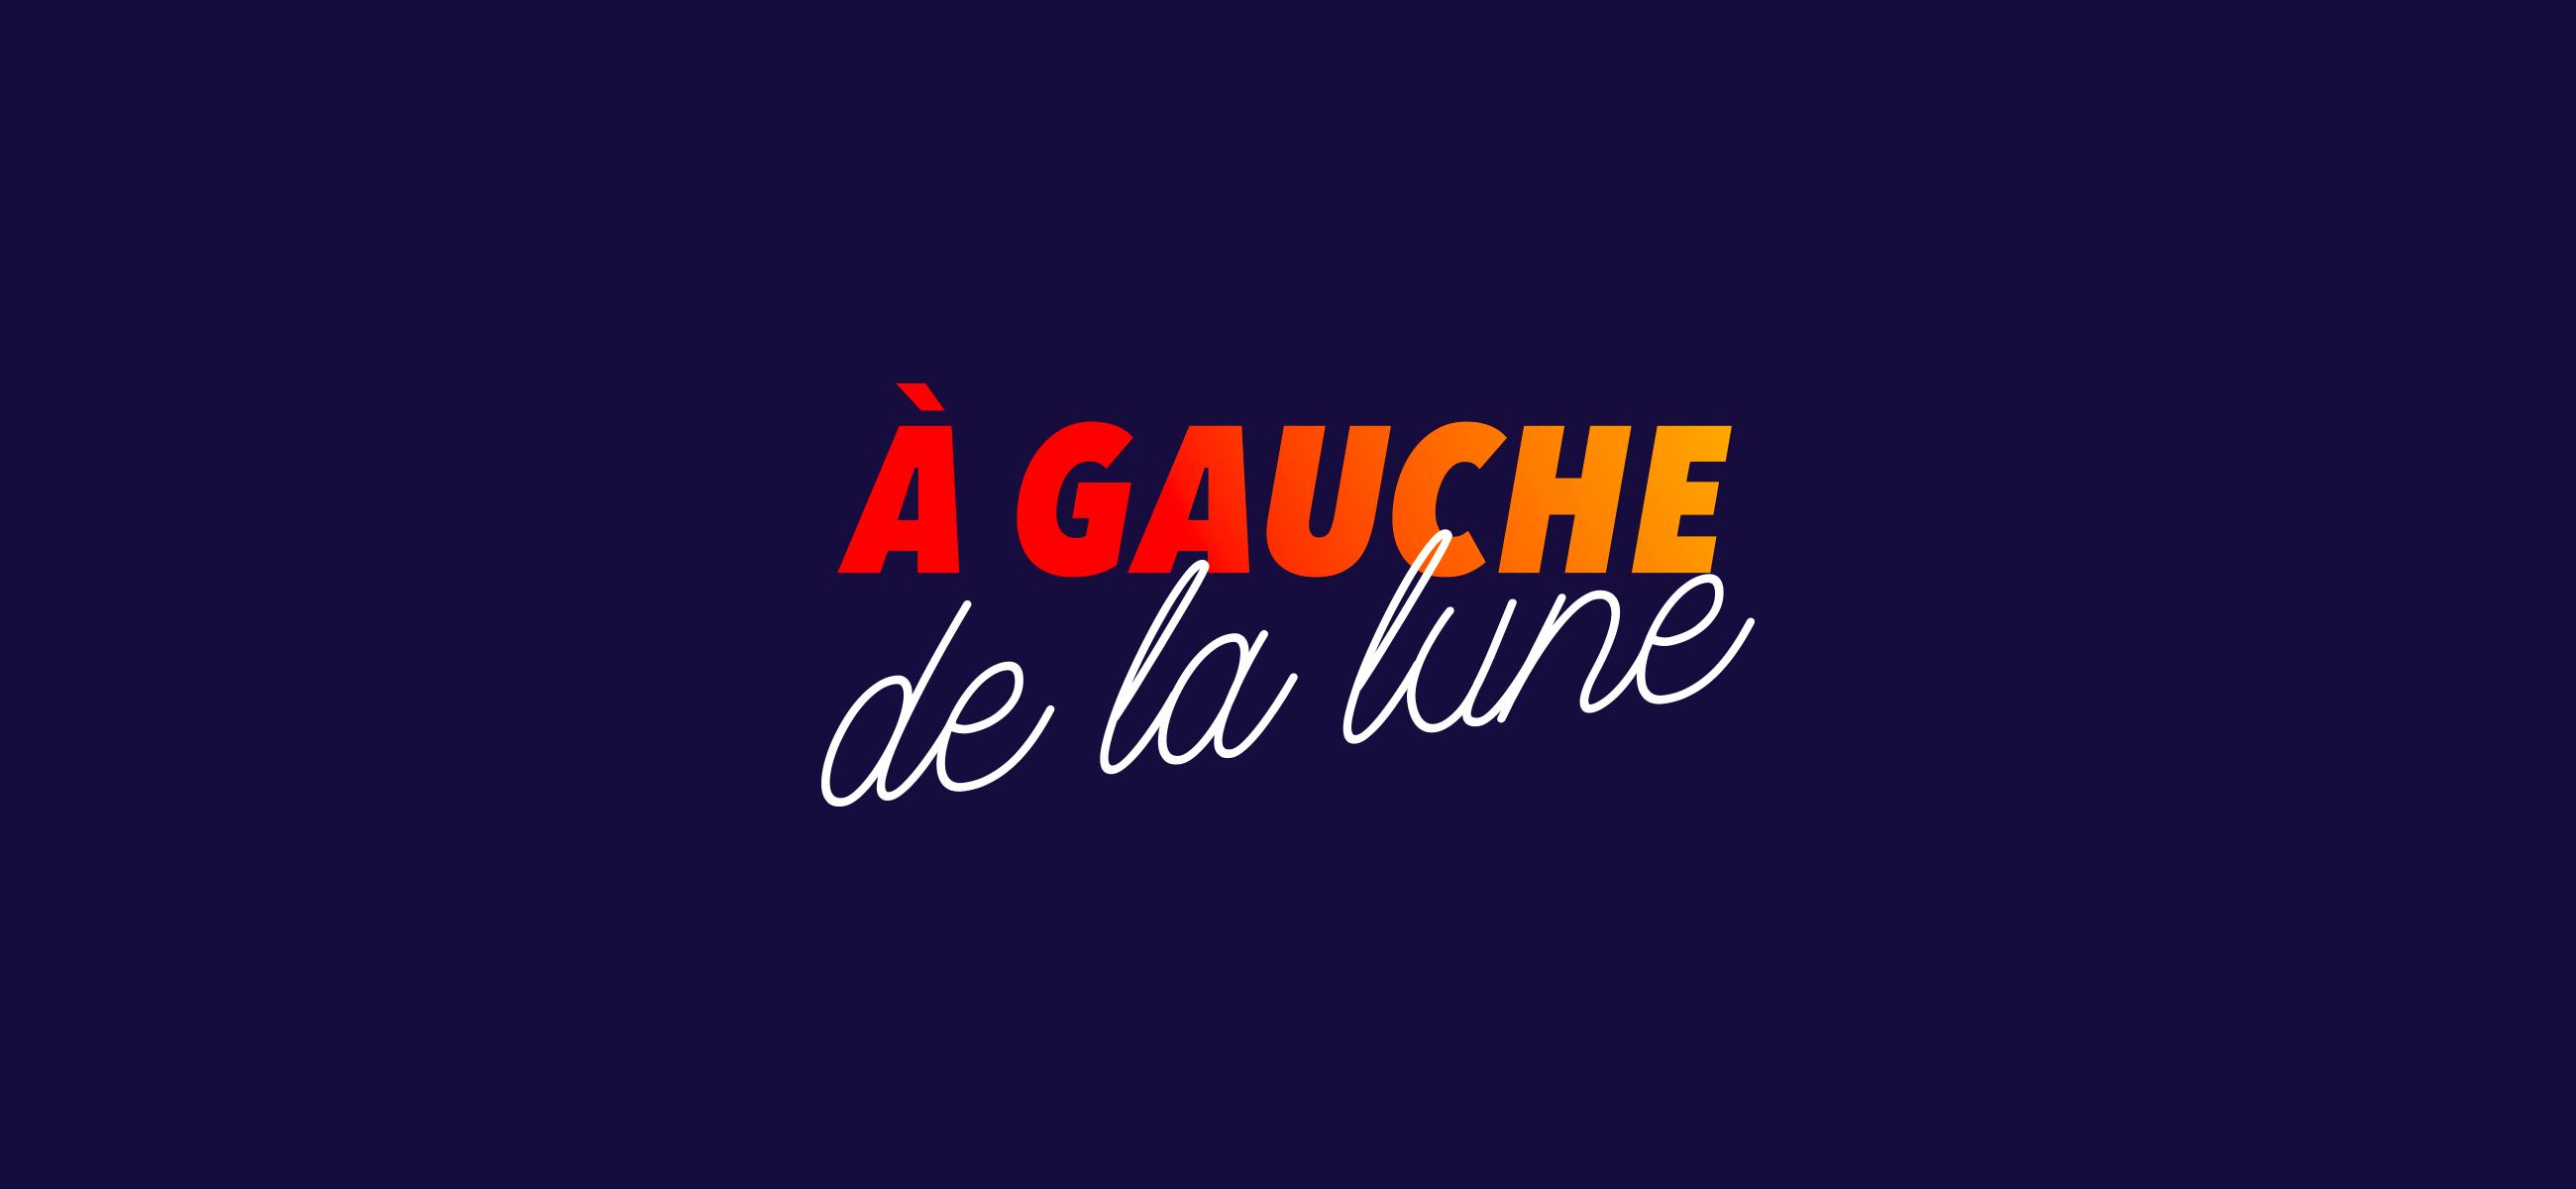 agdl_2018_parallele_graphique_04